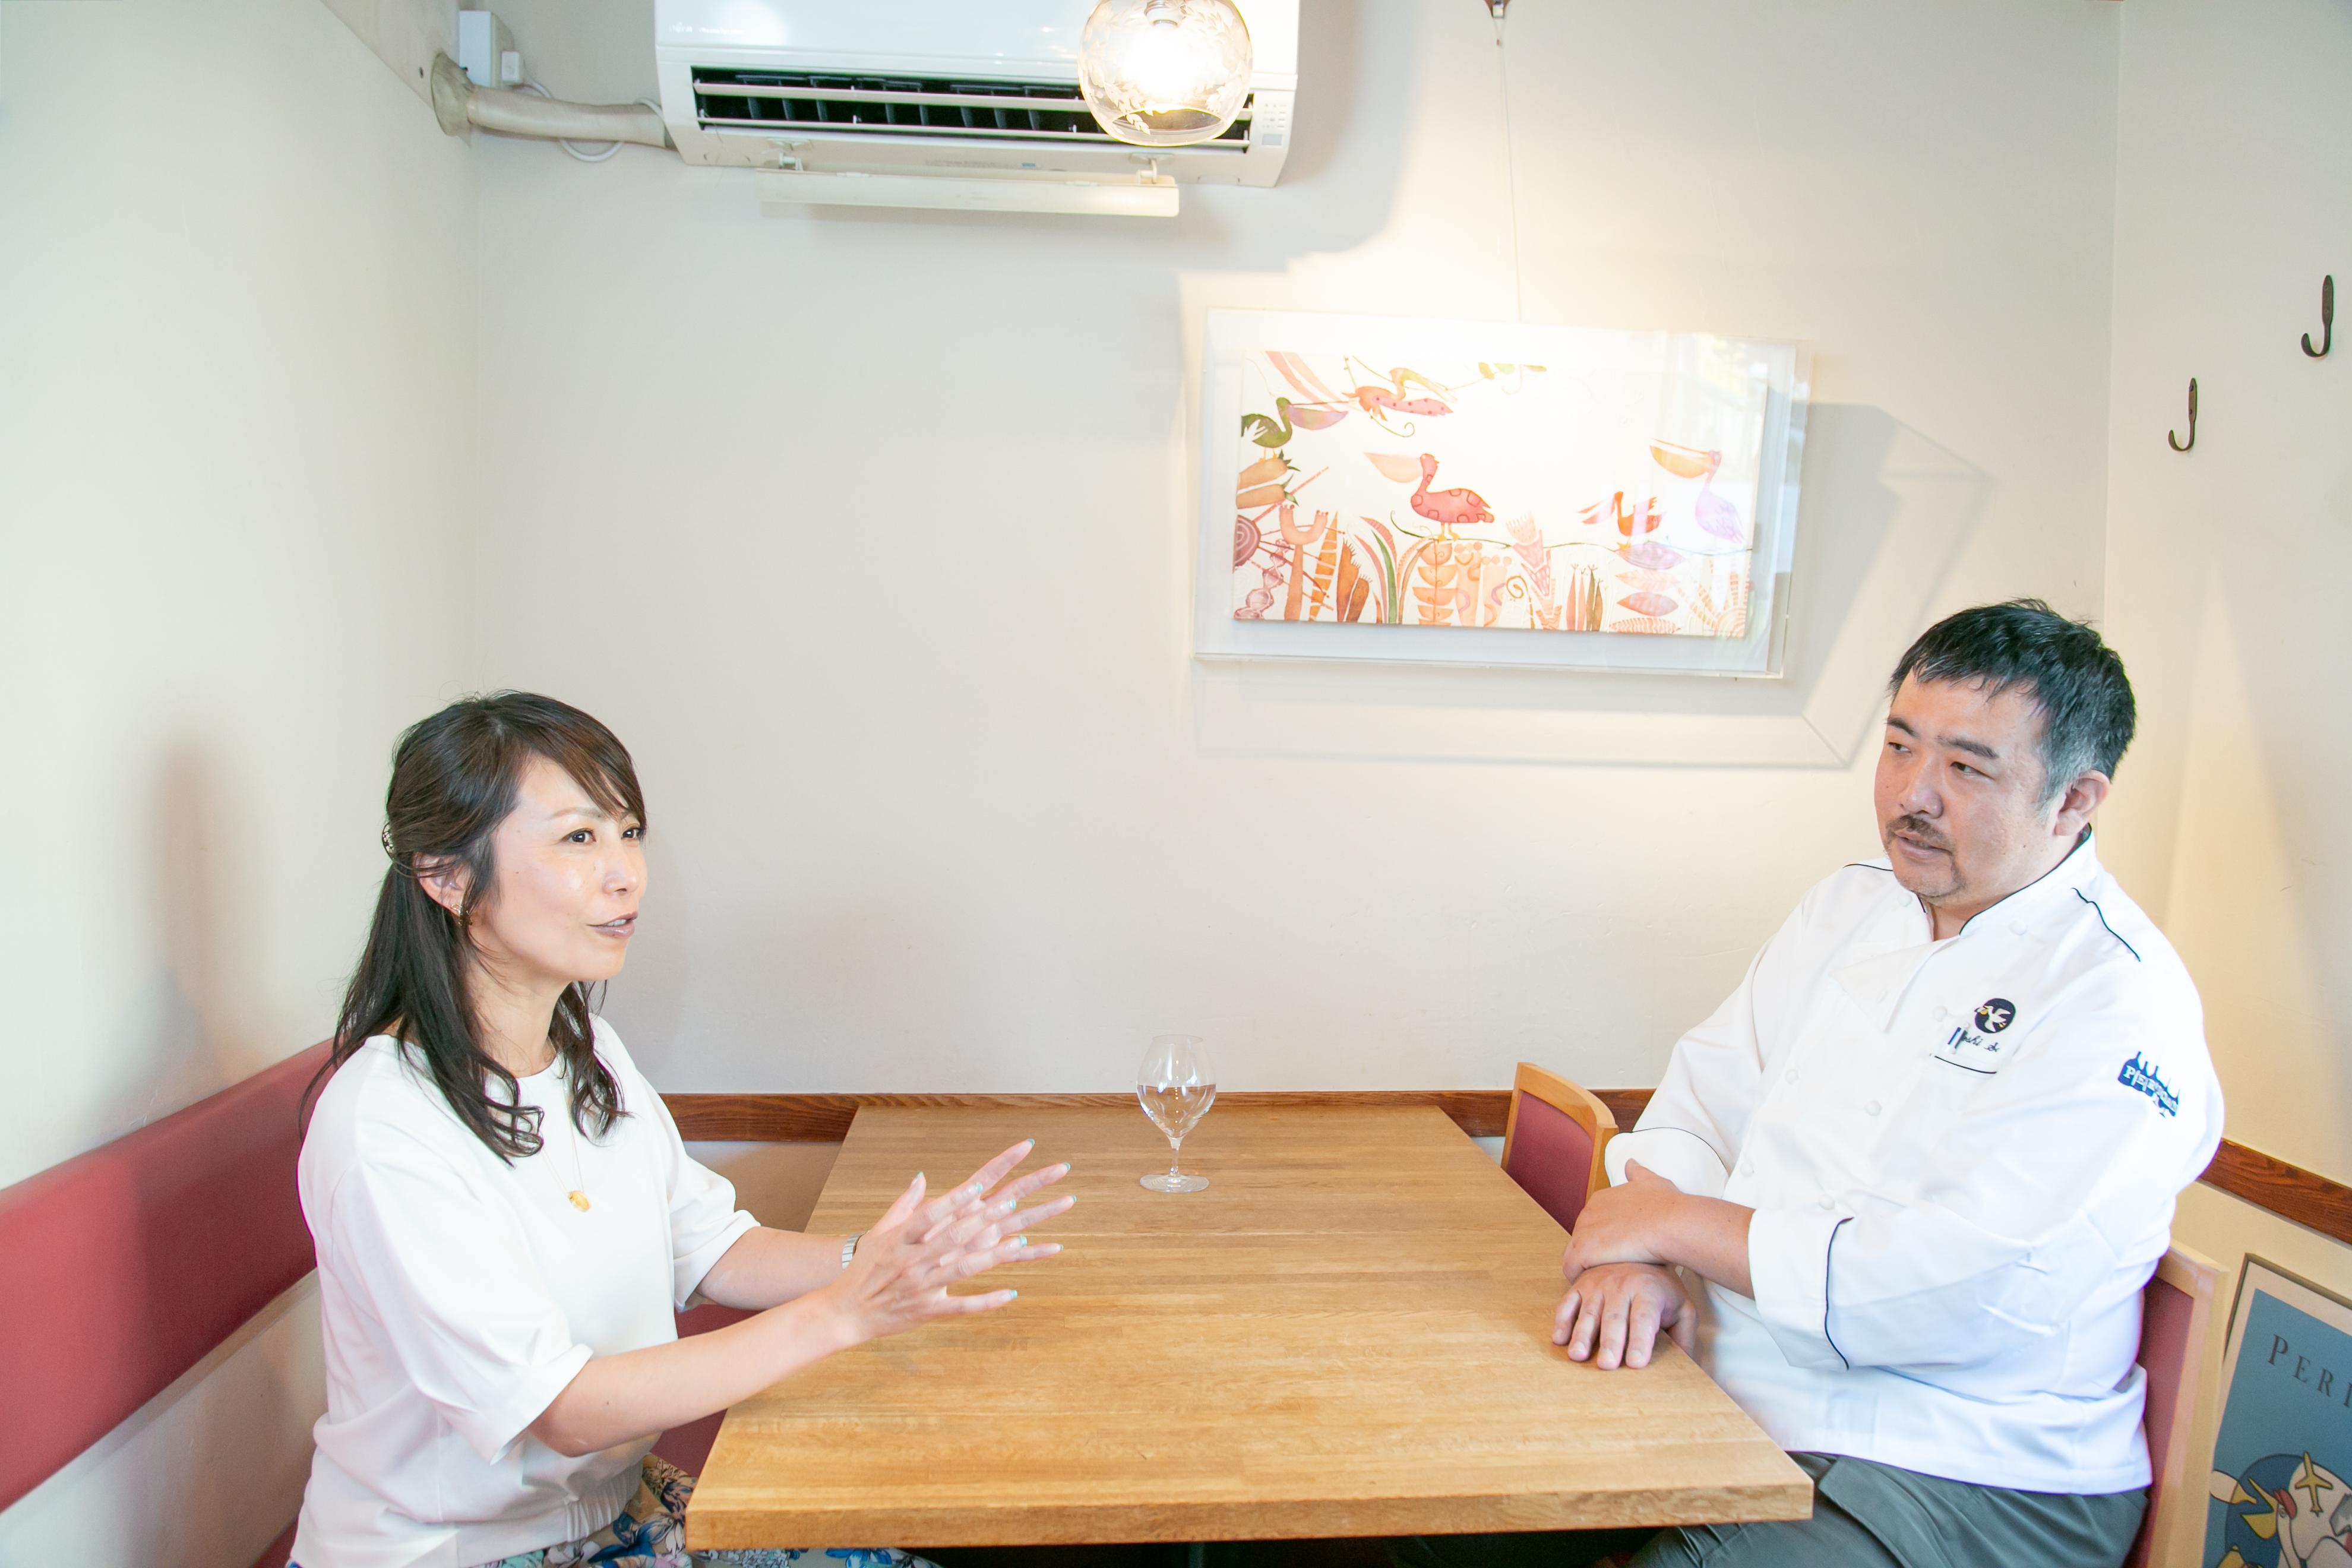 レストラン「ぺりかん」オーナー佐野健さんとワインショップ「Wine&Weekend」店主スージーさんの対談風景